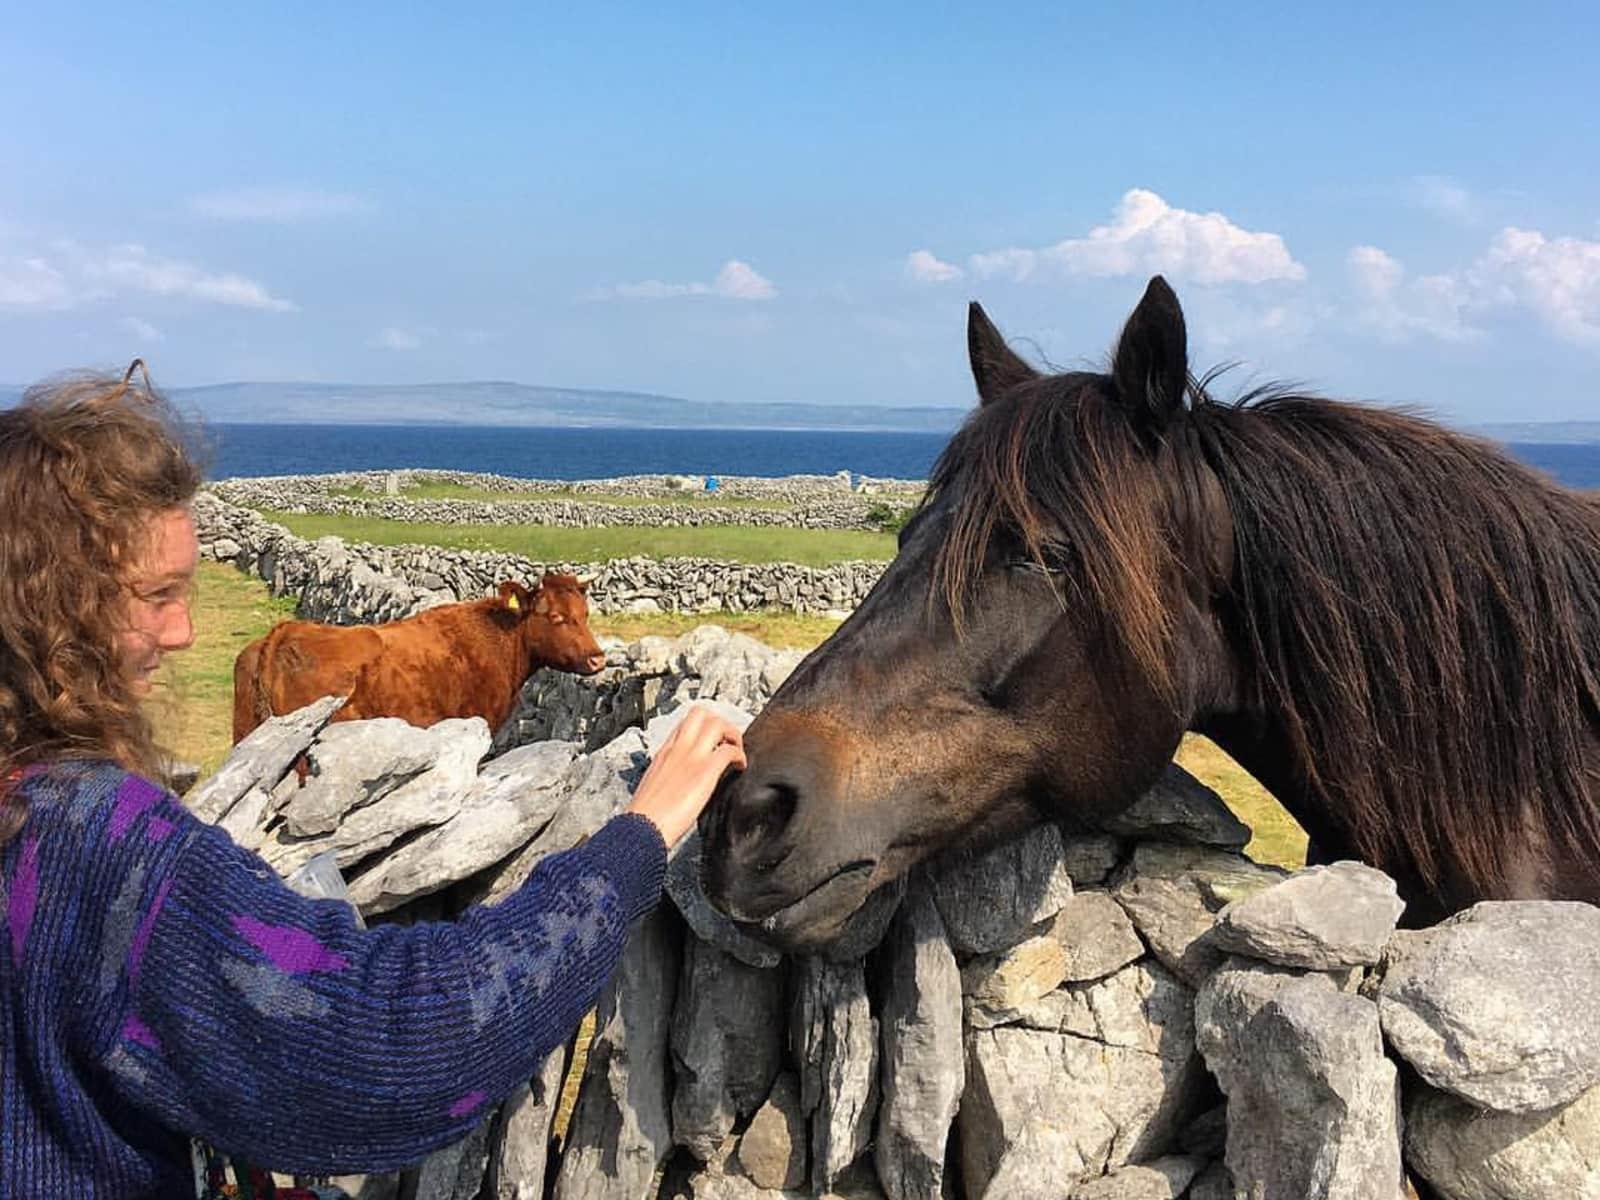 Anna from Cork, Ireland